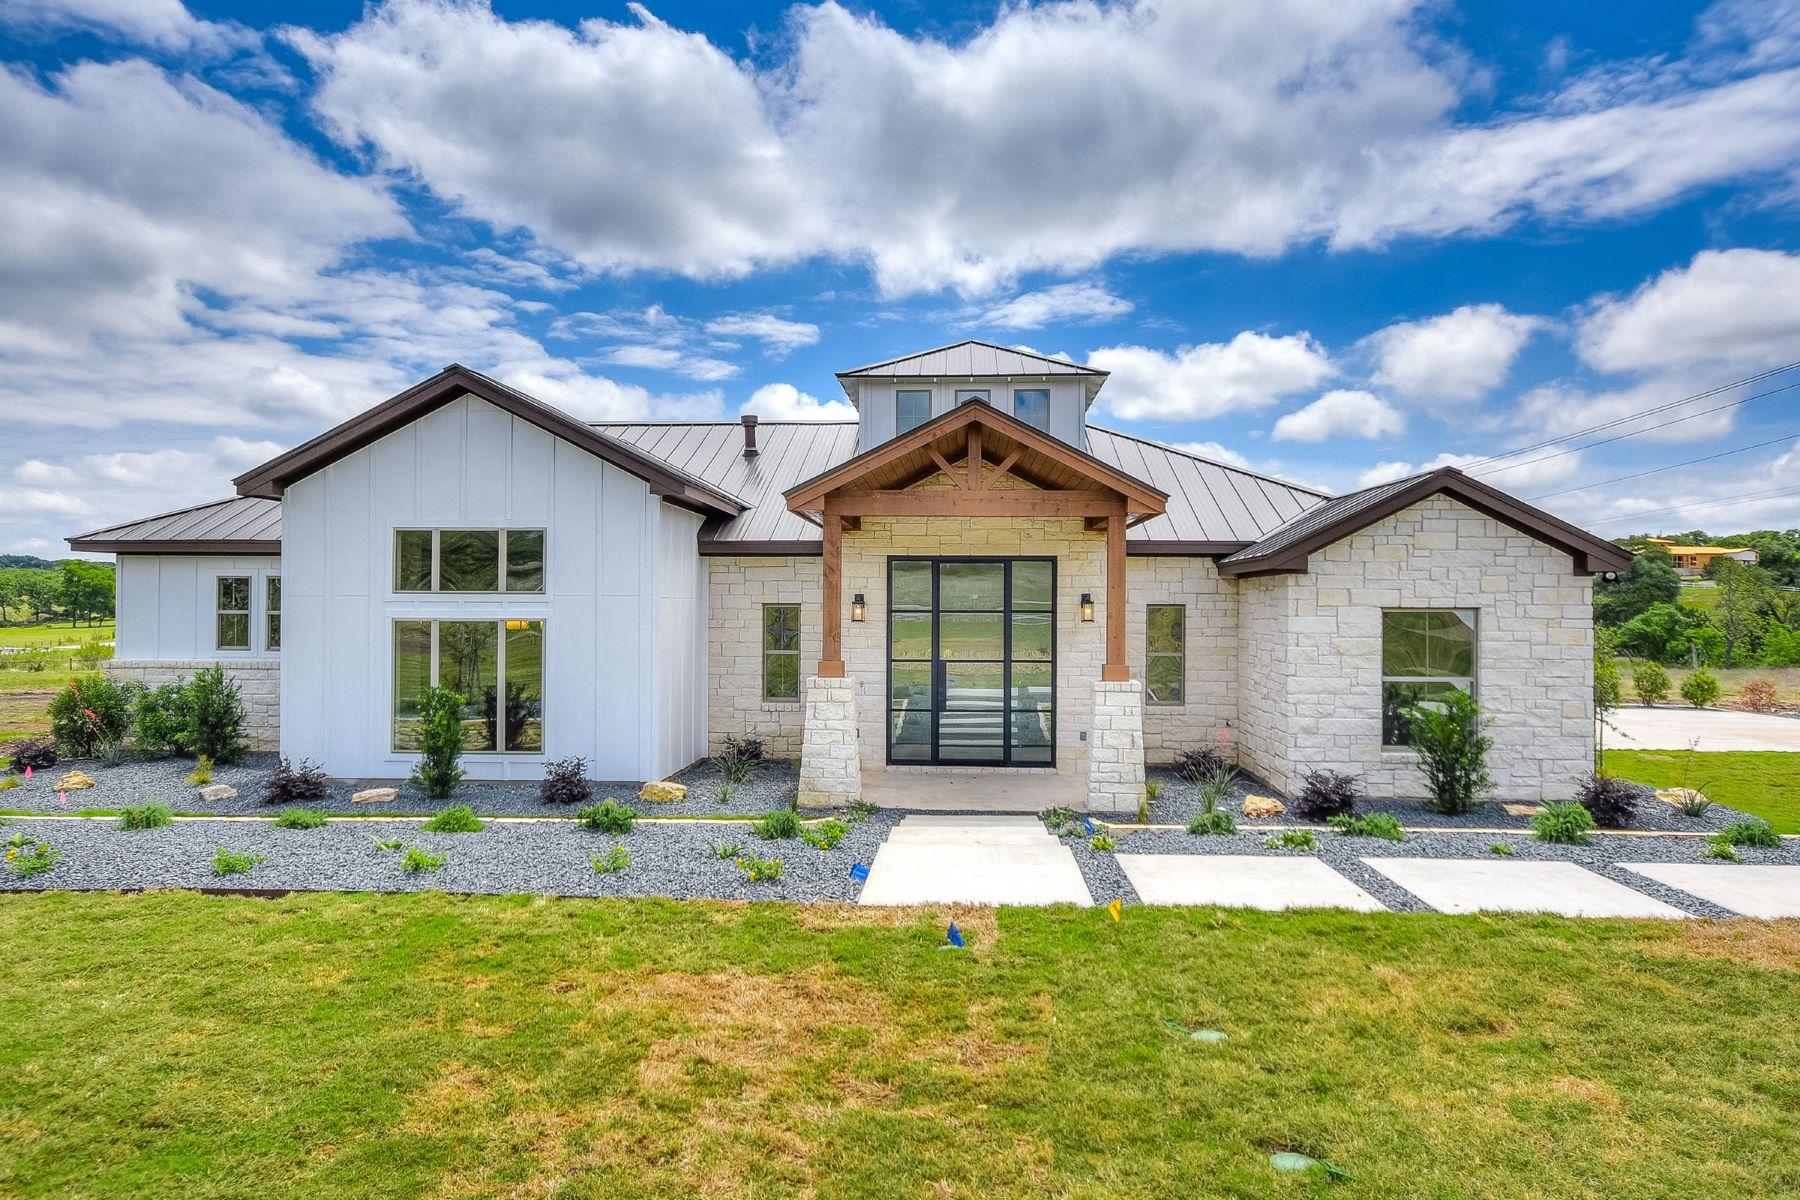 Einfamilienhaus für Verkauf beim Modern Style Single Story Farm House 16725 Whispering Breeze Austin, Texas, 78738 Vereinigte Staaten